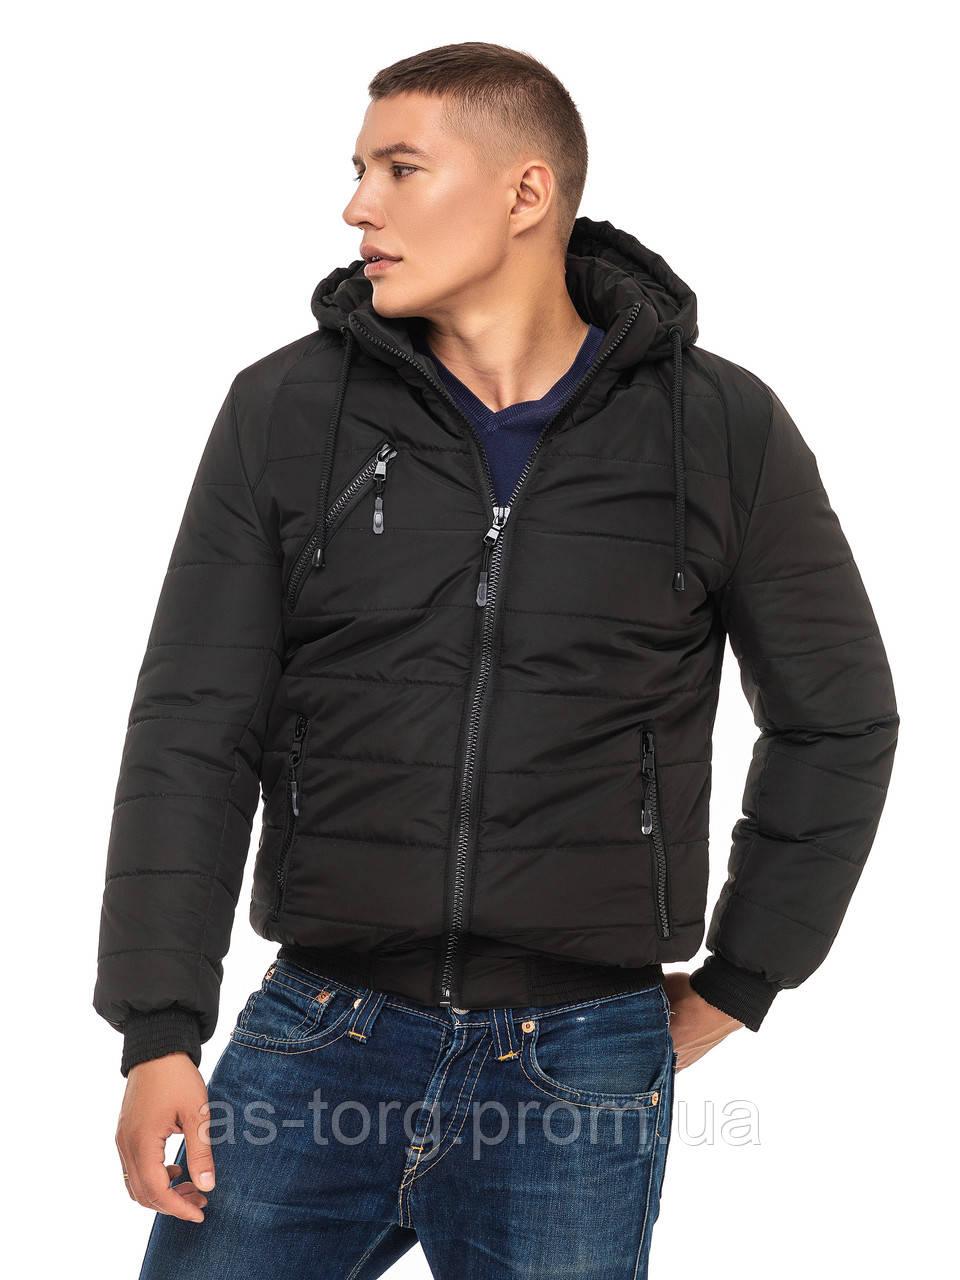 Куртка Лев Черный Размер 48